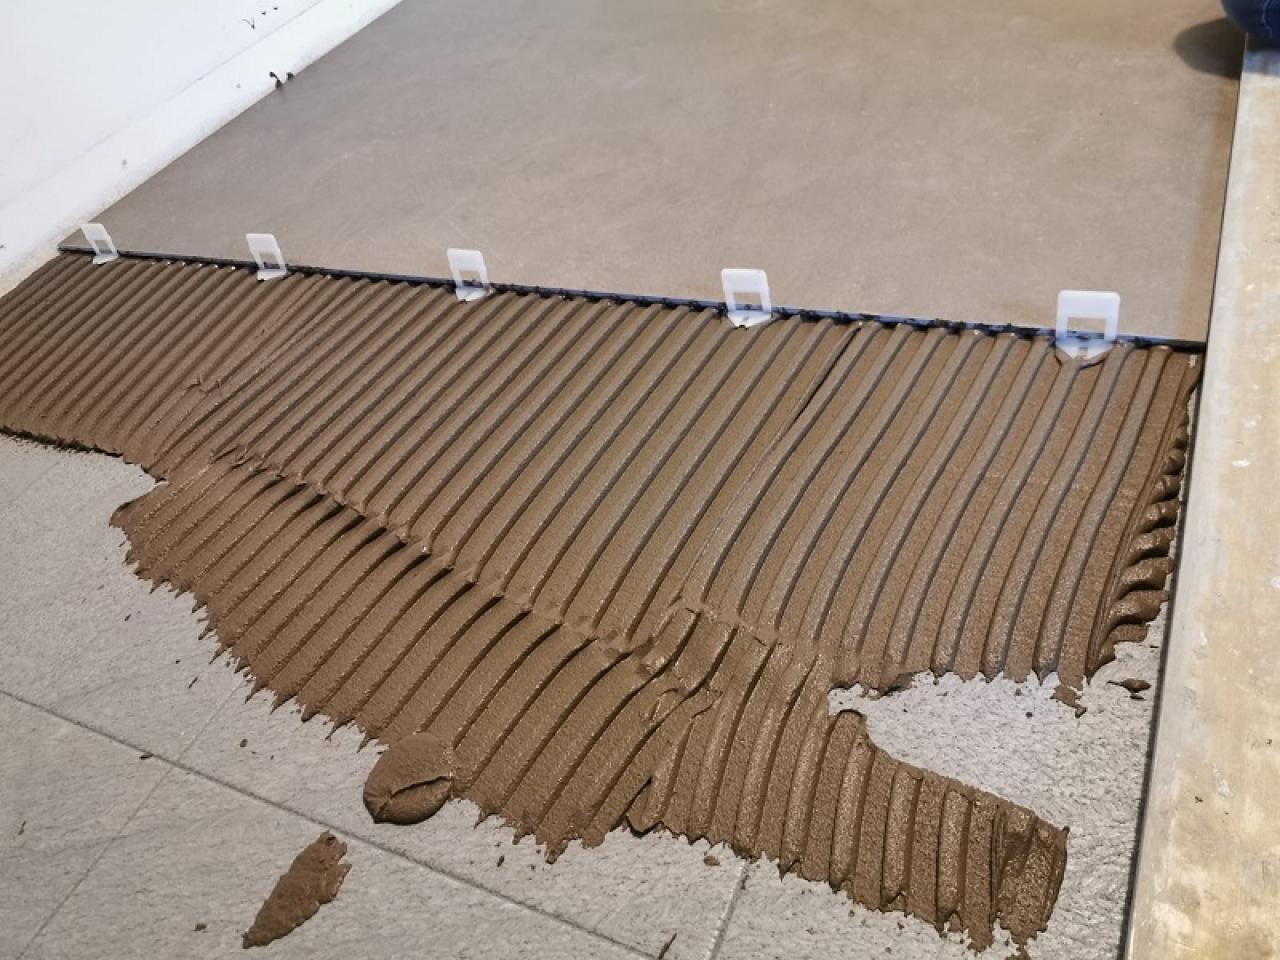 Fuga Minima Pavimento Rettificato gradini tra piastrelle: quando sono difetti e come evitarli